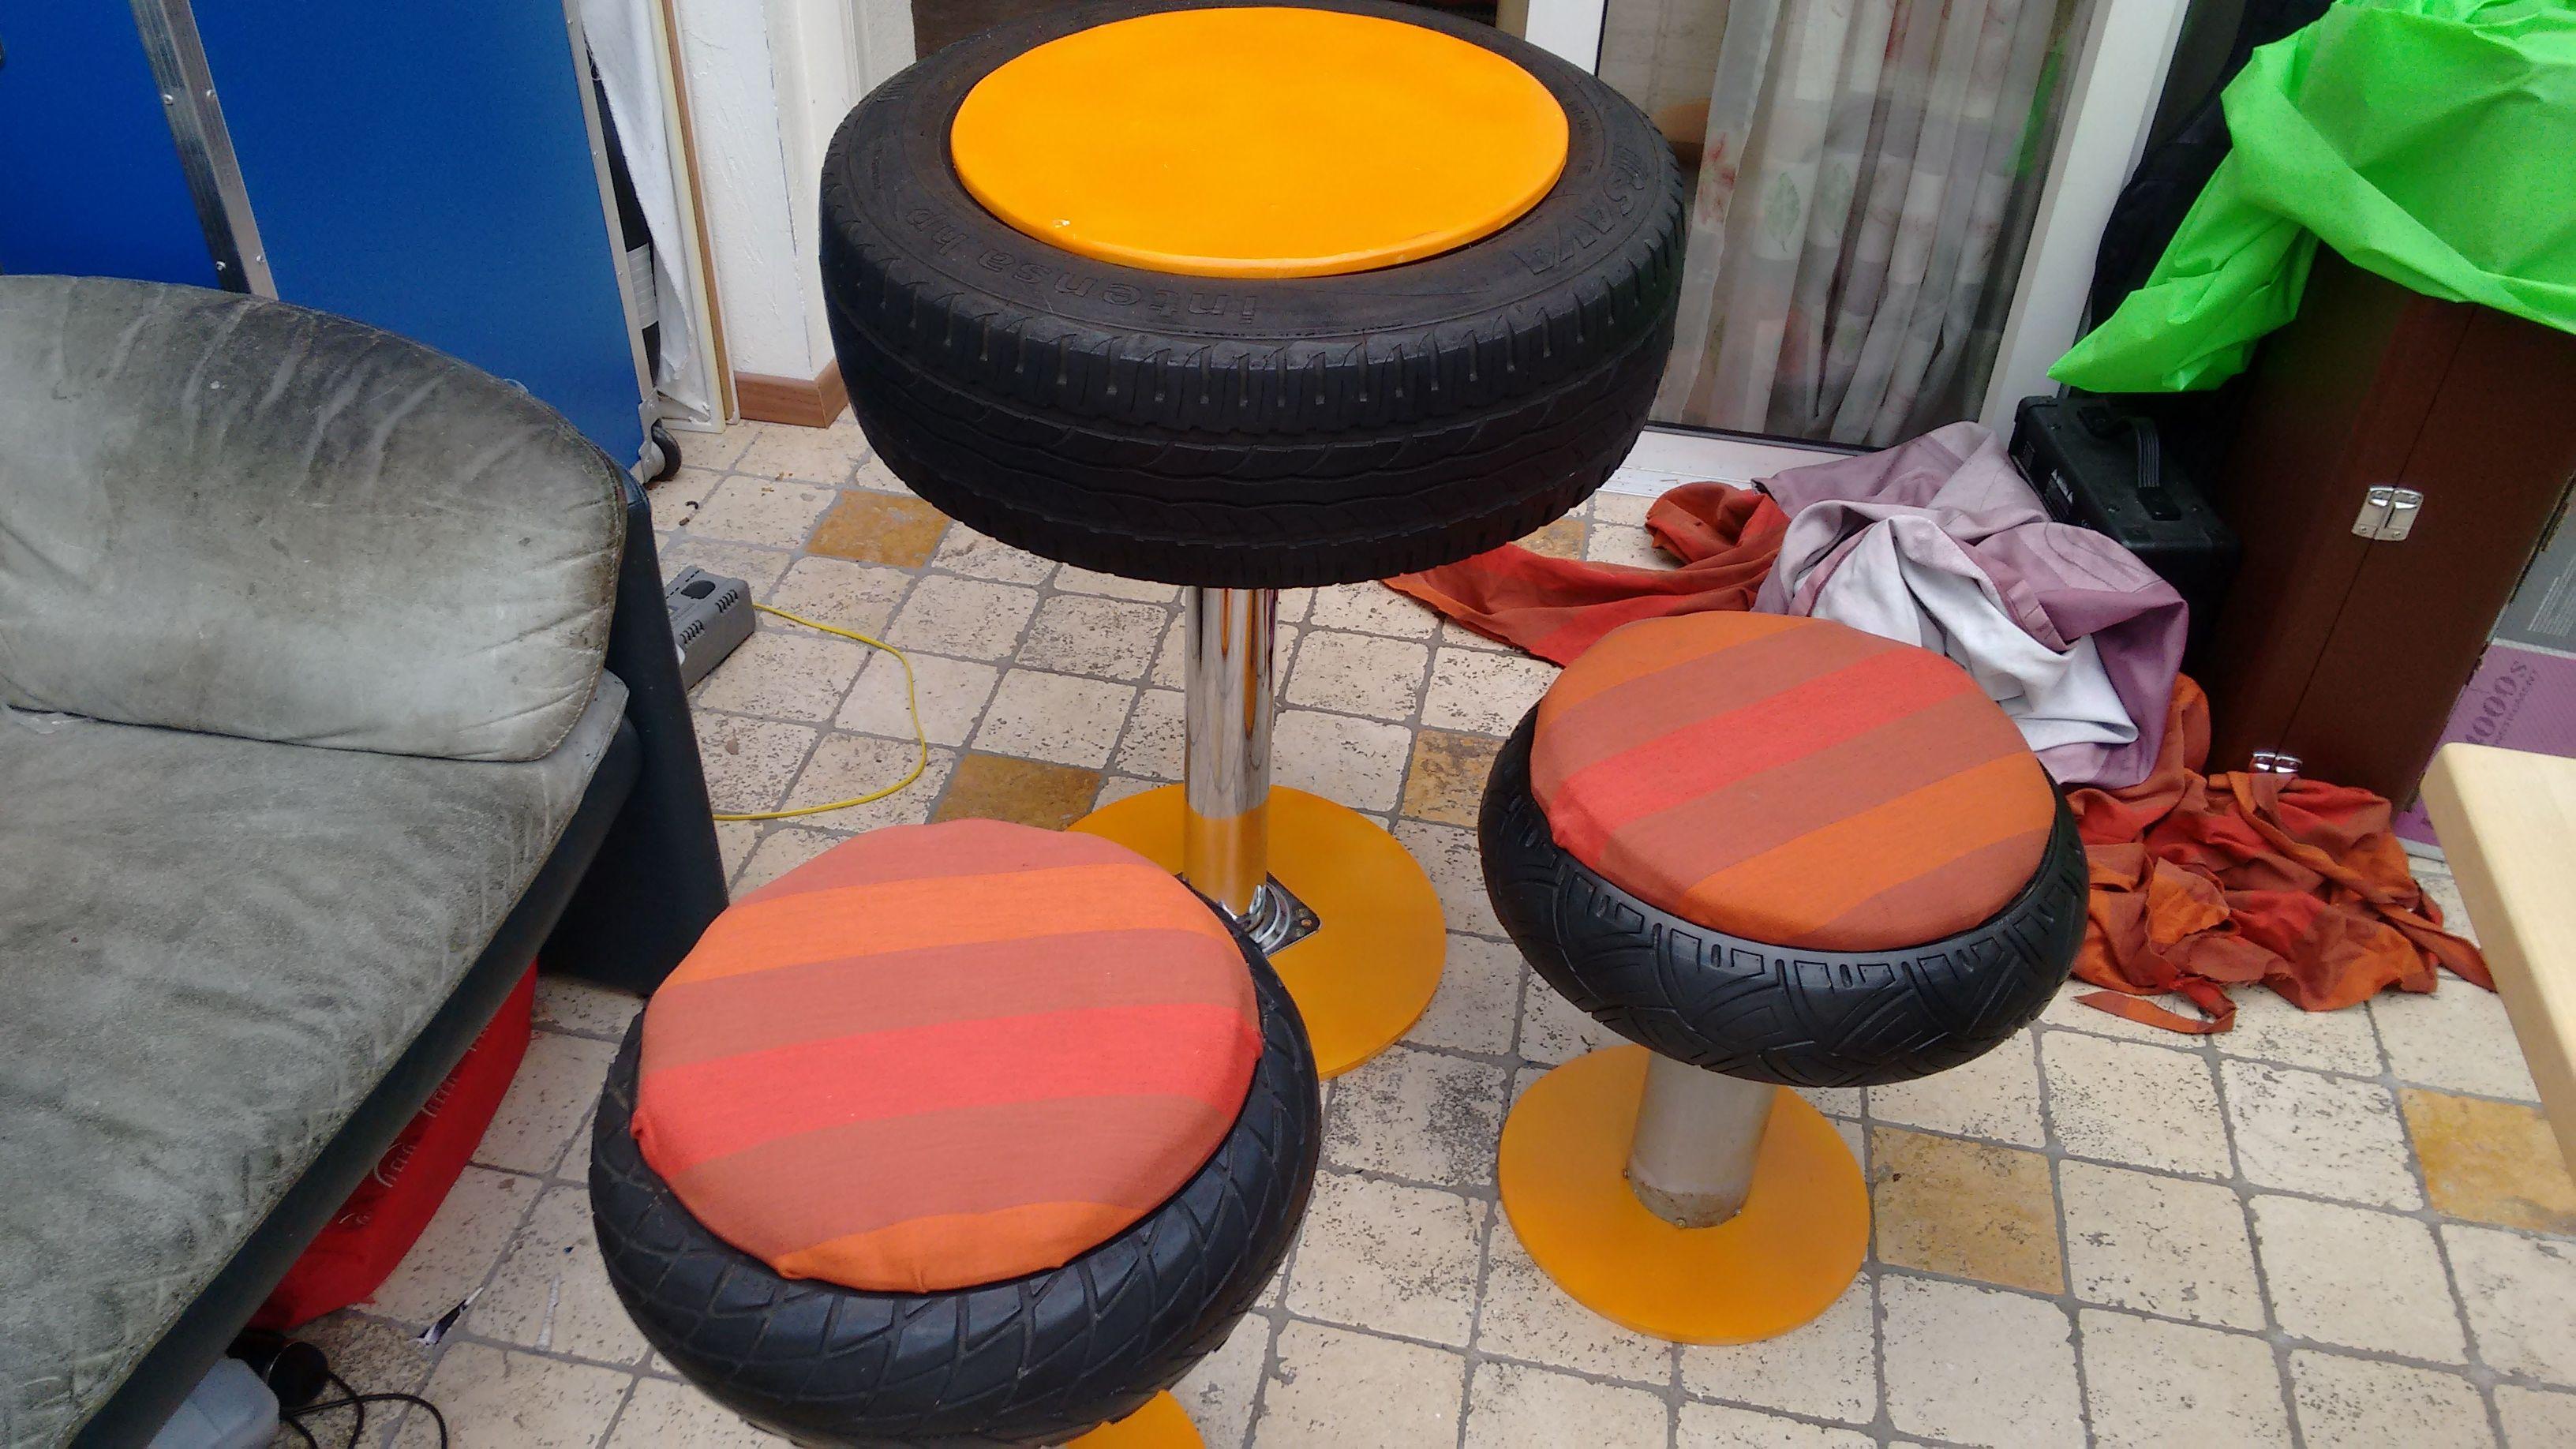 wat zou jij doen met oude auto-banden? Weggooien? Hier is een idee om auto en scooterbanden om te zetten tot een tafel, met 2 bijpassende krukjes.